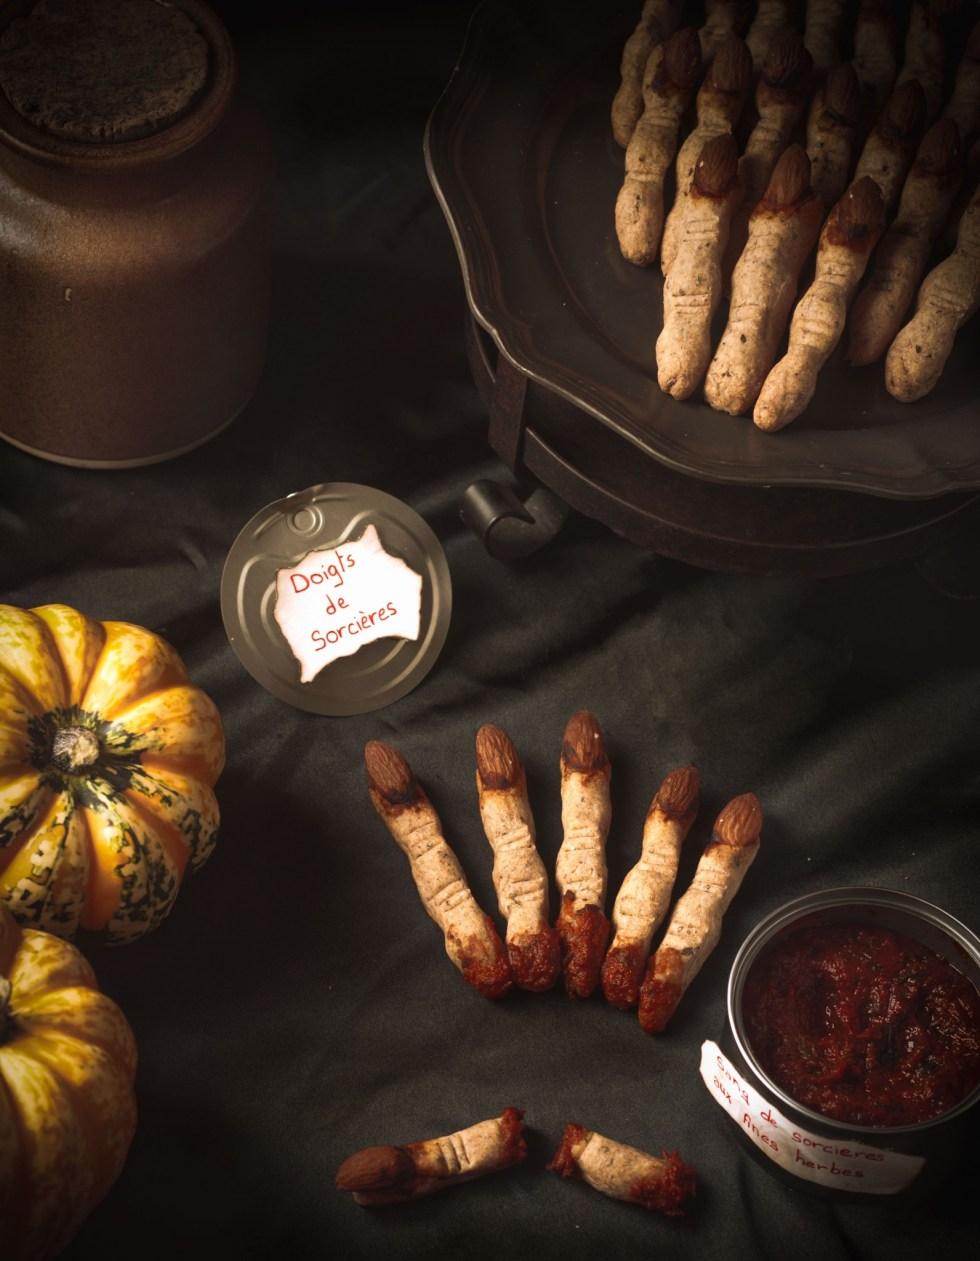 Halloween Party – #1 Doigts de sorcières et sang de sorcières aux fines herbes {vegan, IG bas}